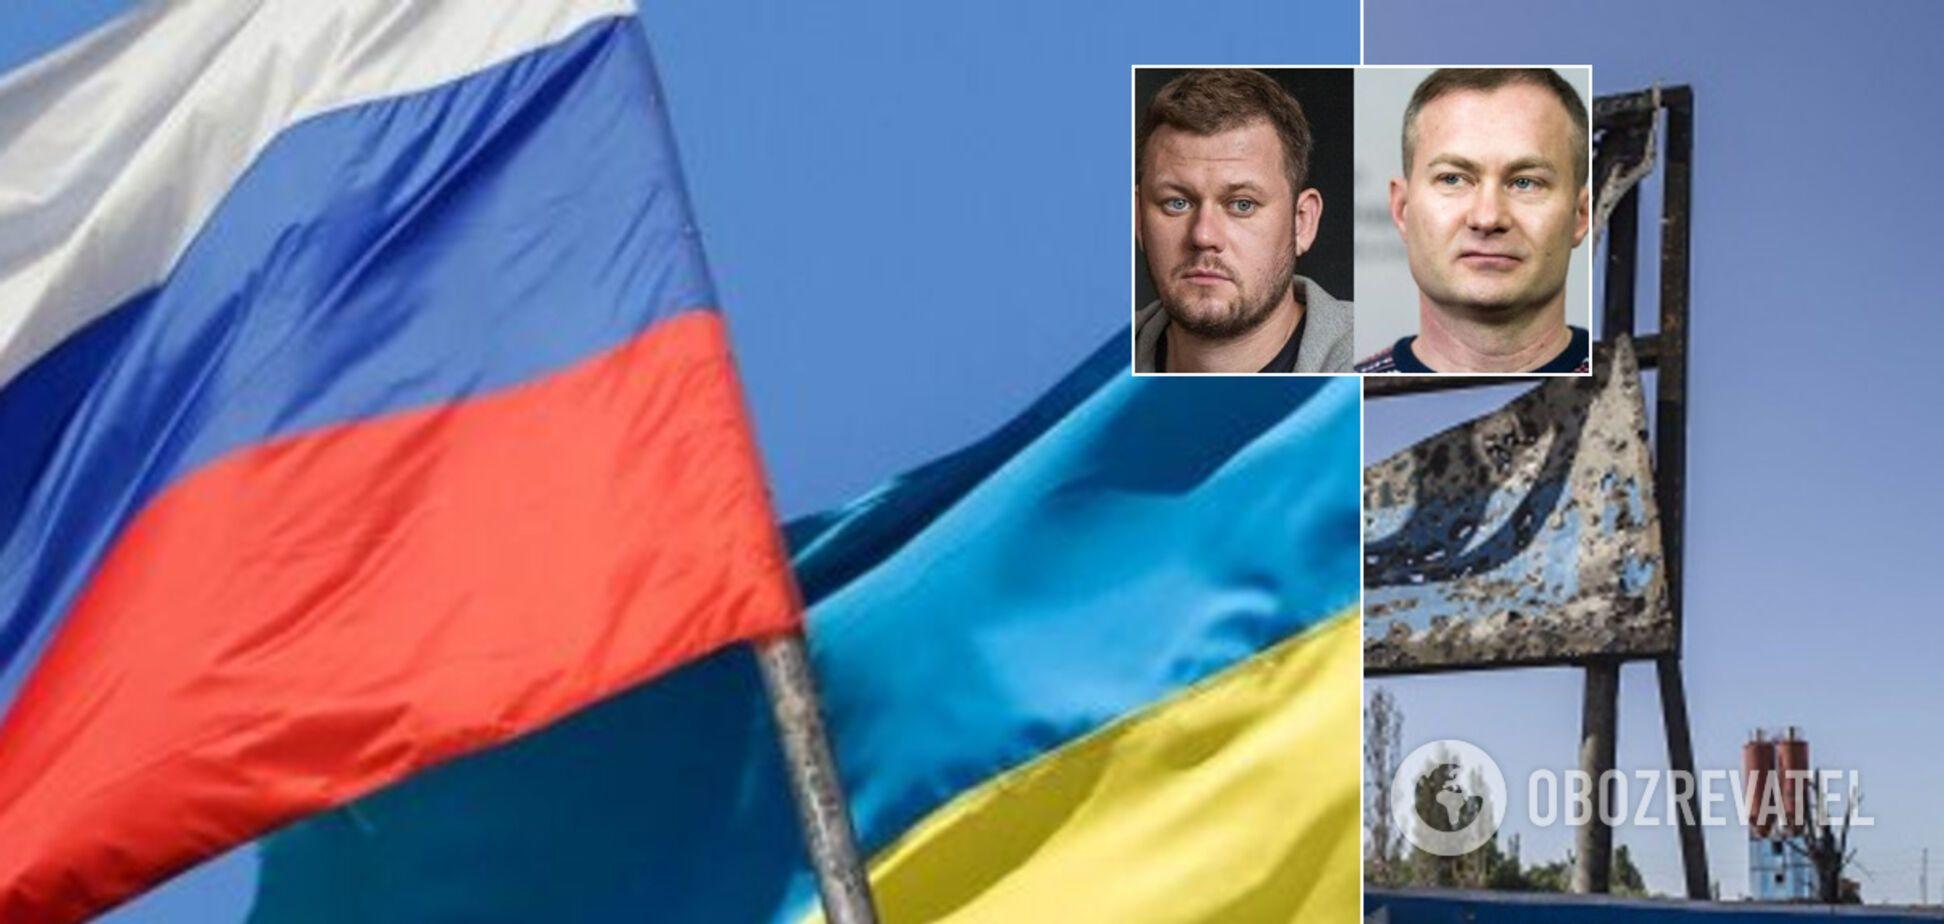 Украинцы сместили российских назначенцев на переговорах по Донбассу: зачем рискует власть и что поставлено на кон